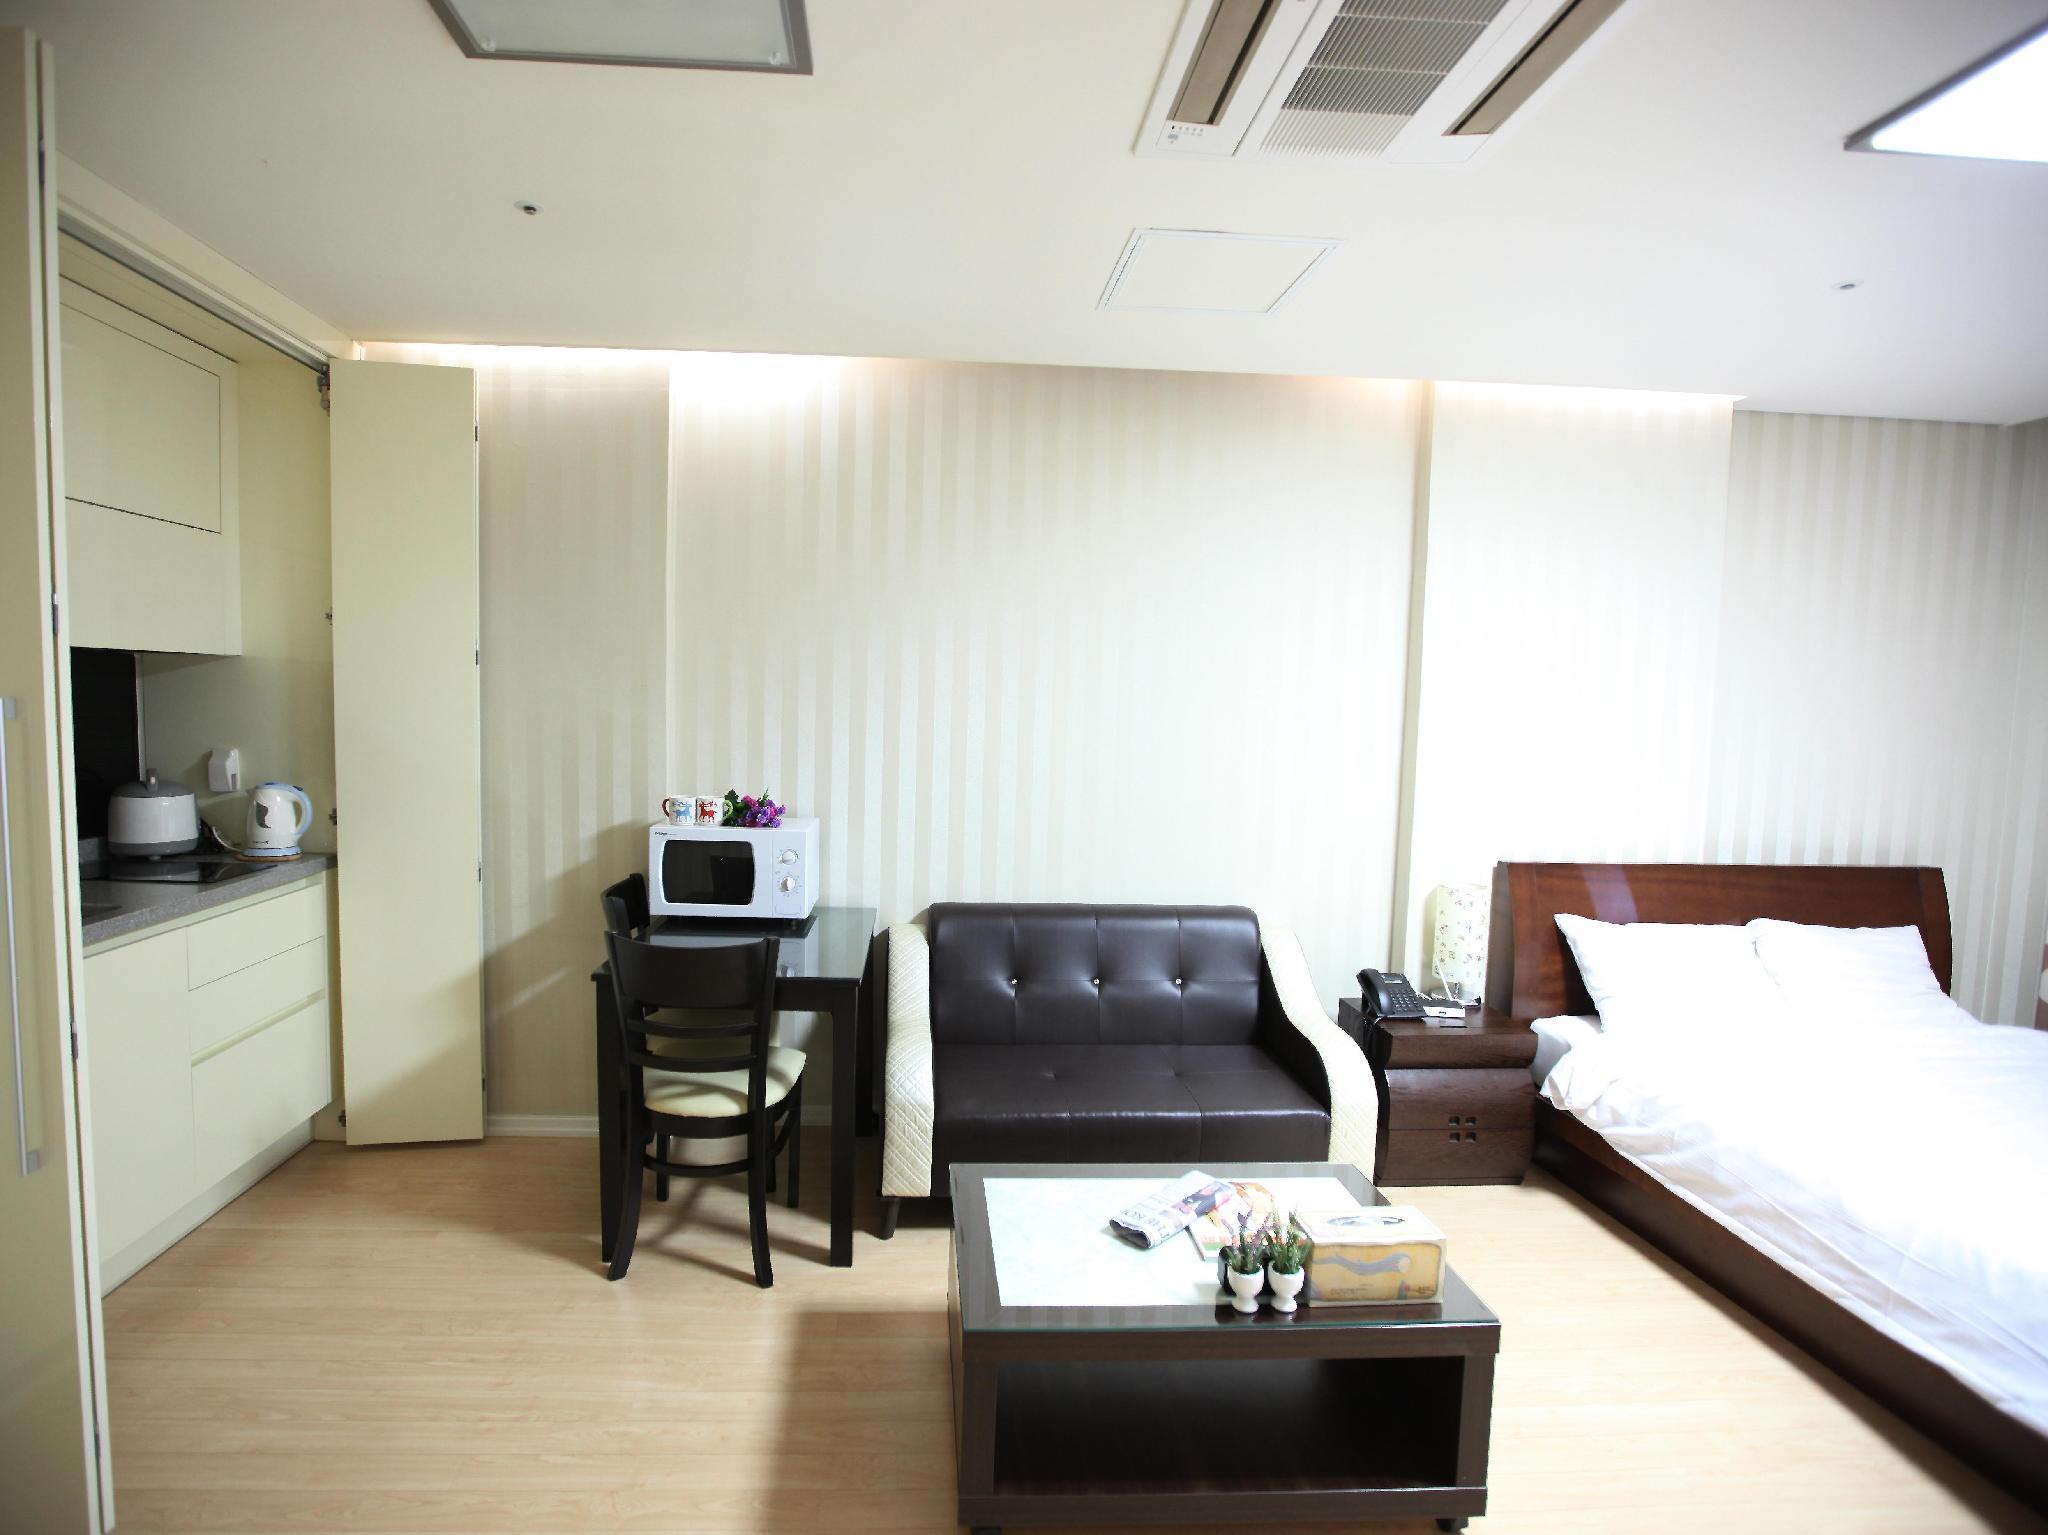 โรงแรม สเตย์แอนด์โฮม เรสซิเดนซ์ สวีท  (Stay & Home Residence Suite)